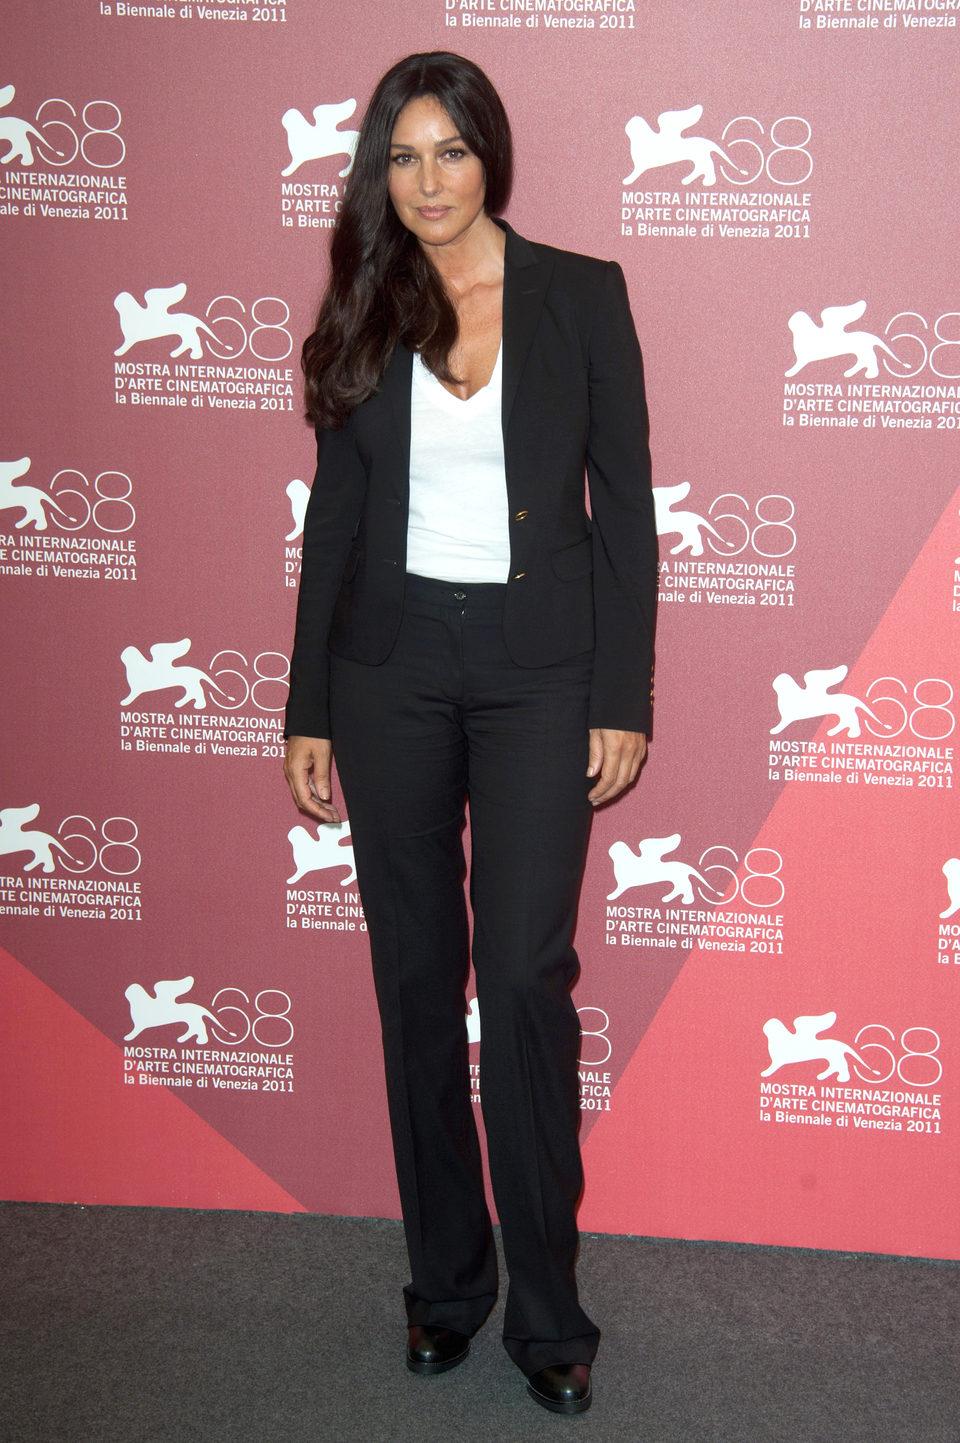 Monica Bellucci presenta 'Un Ete Brulant' en el Festival de Venecia